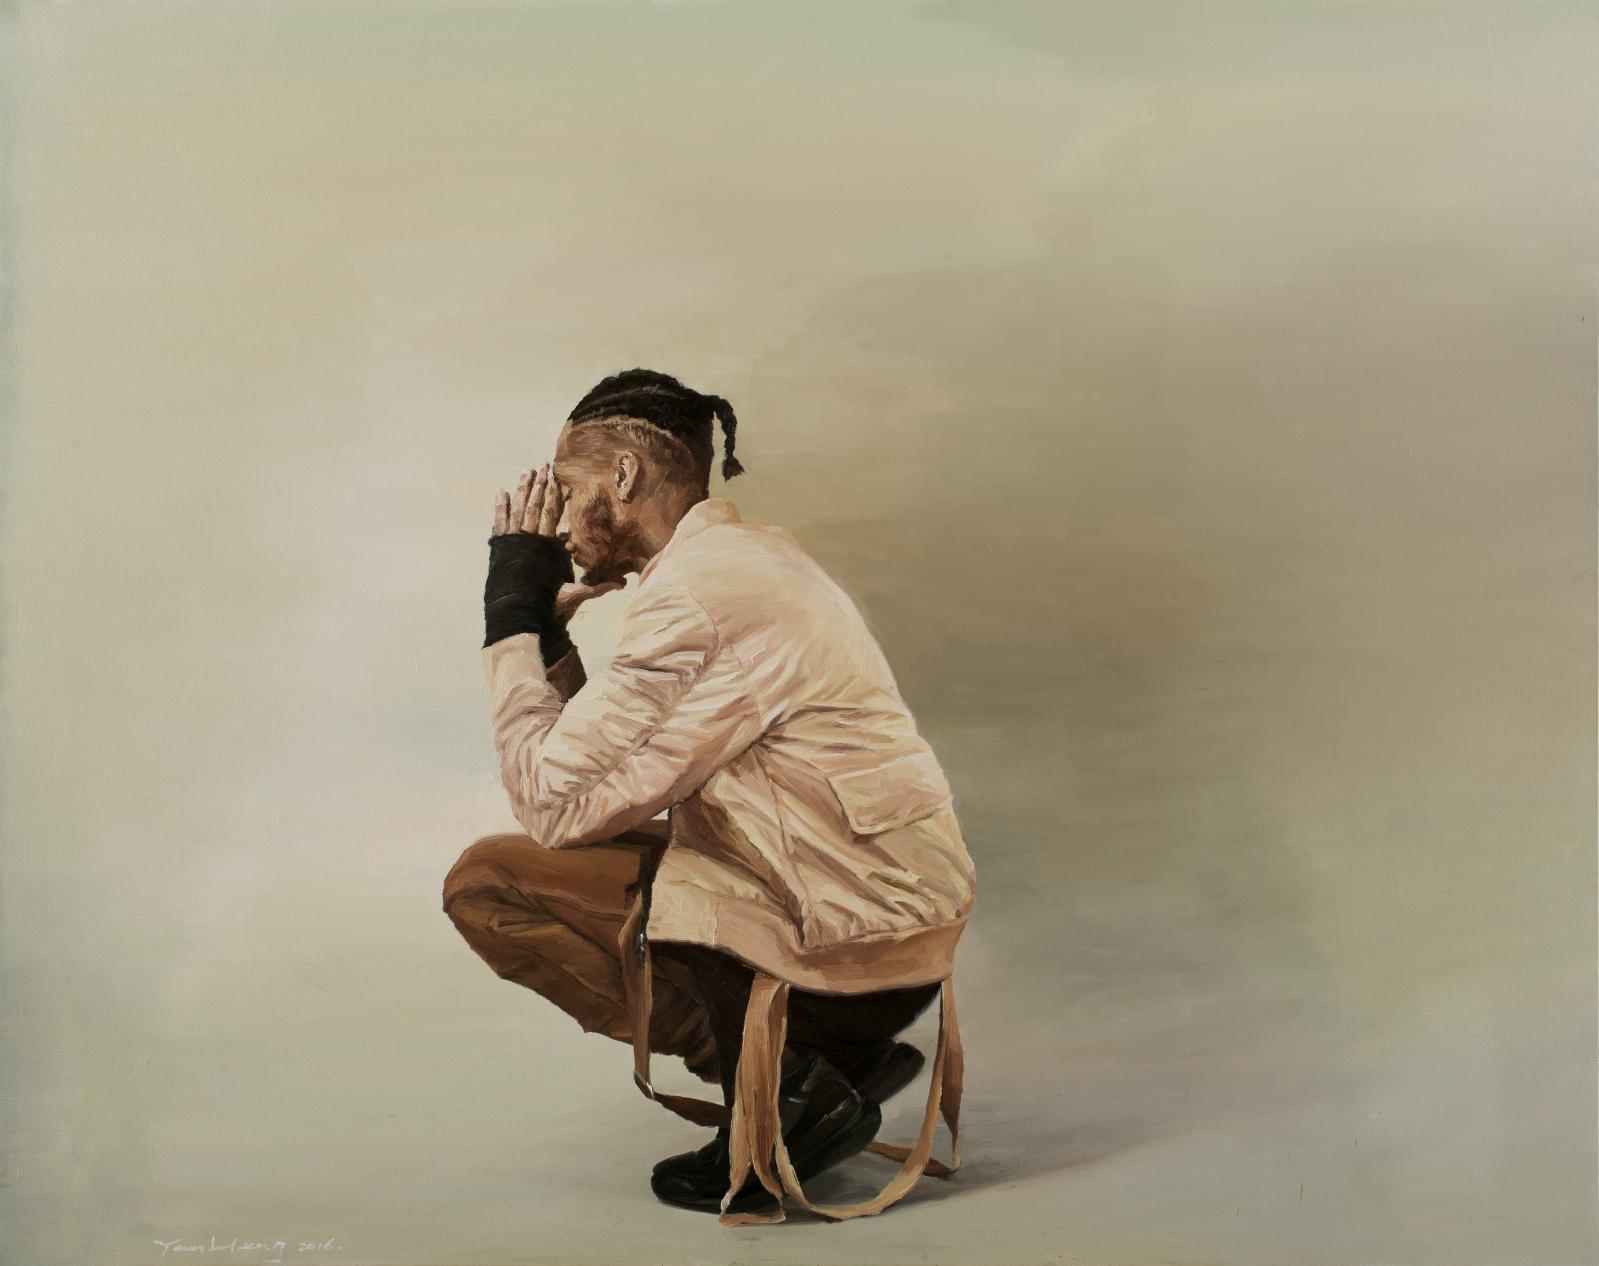 Yan Heng (né en 1982), L'Homme accroupi, 2016, huile sur toile, 120 x 150cm. Courtoisie de l'artiste et galerie Sator